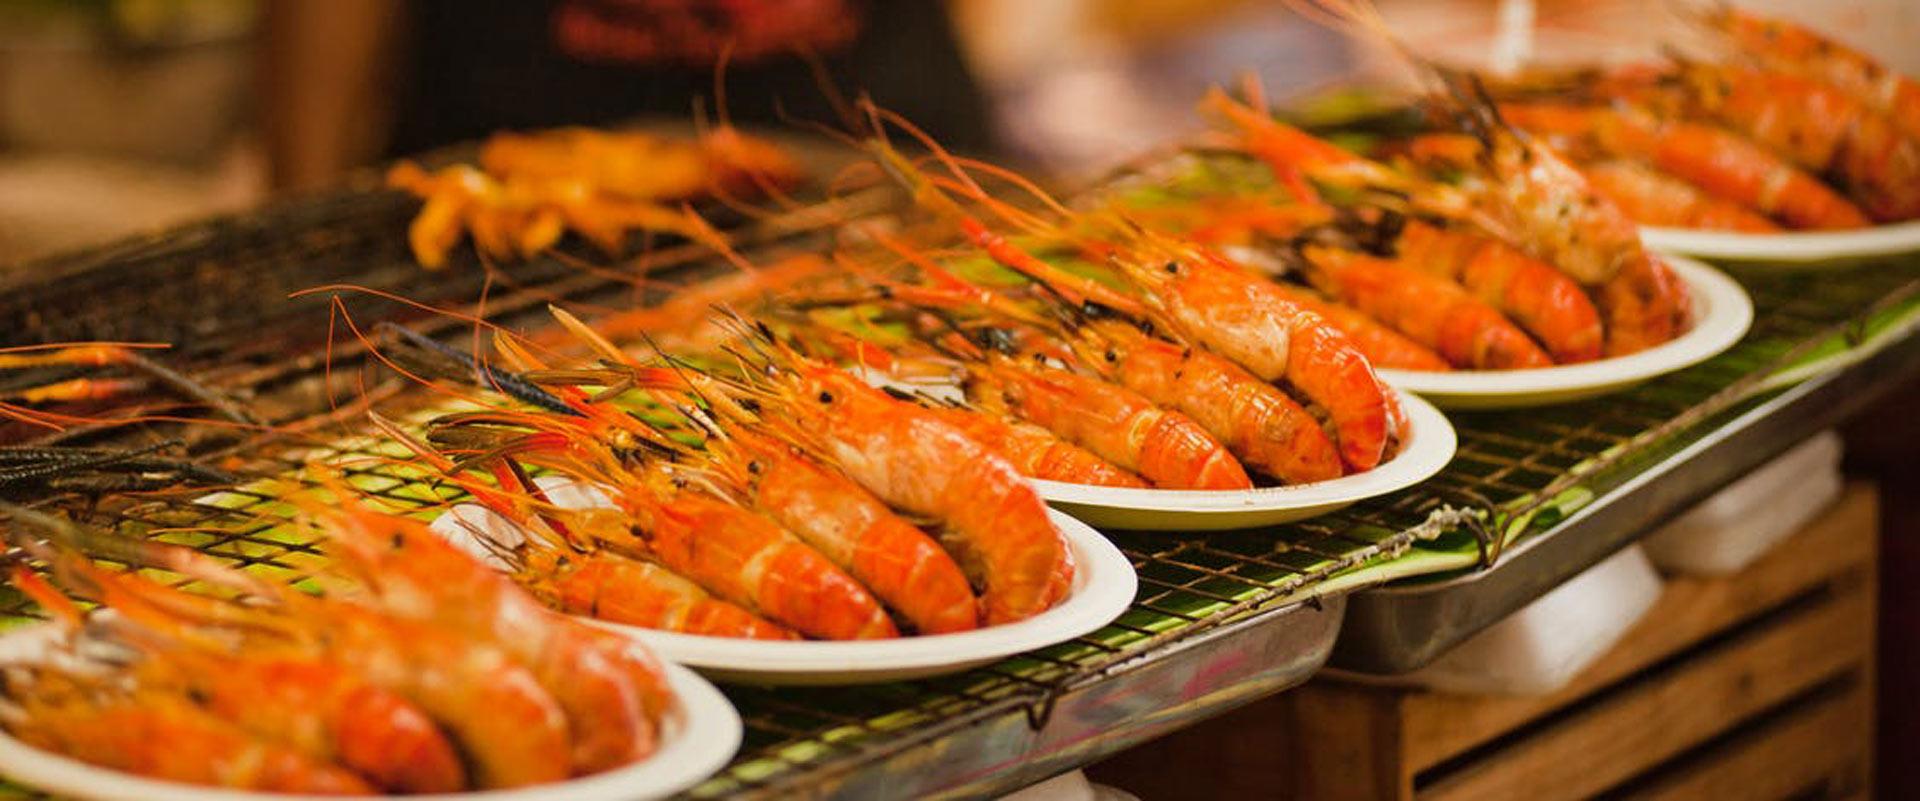 crevettes spécialités culinaires activités à la baie d'Halong